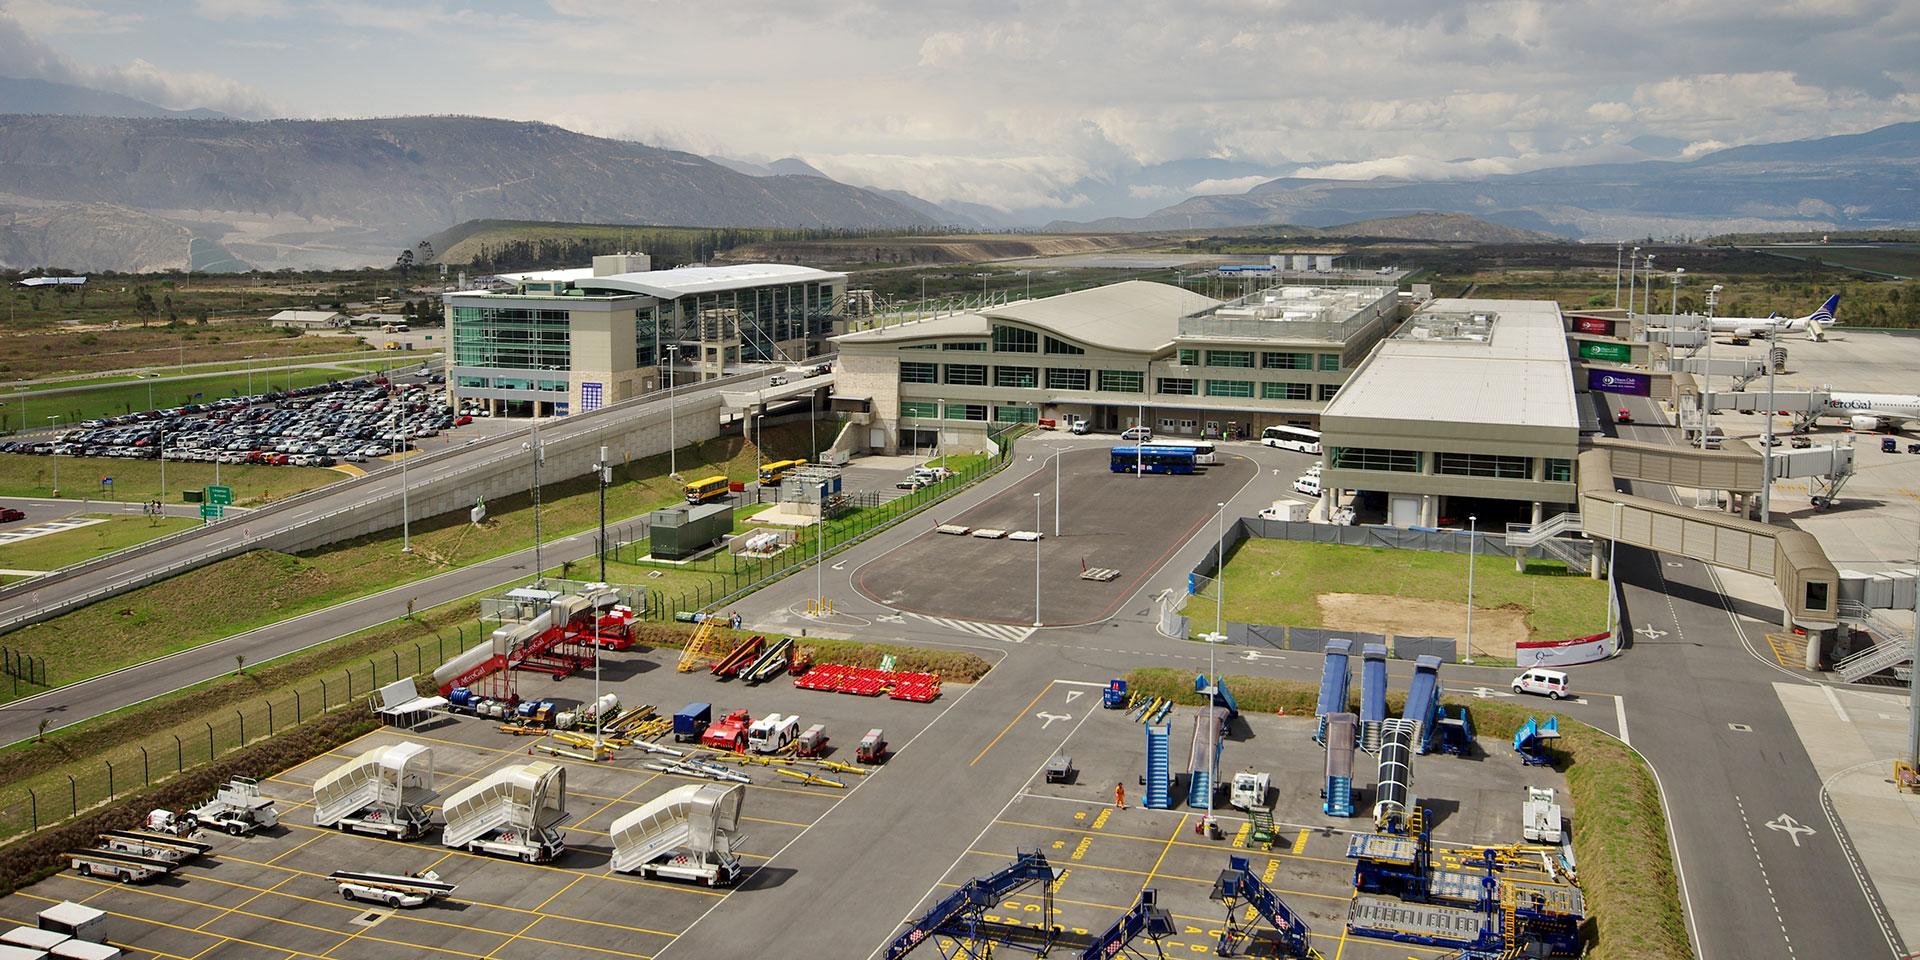 Quito Airport Building